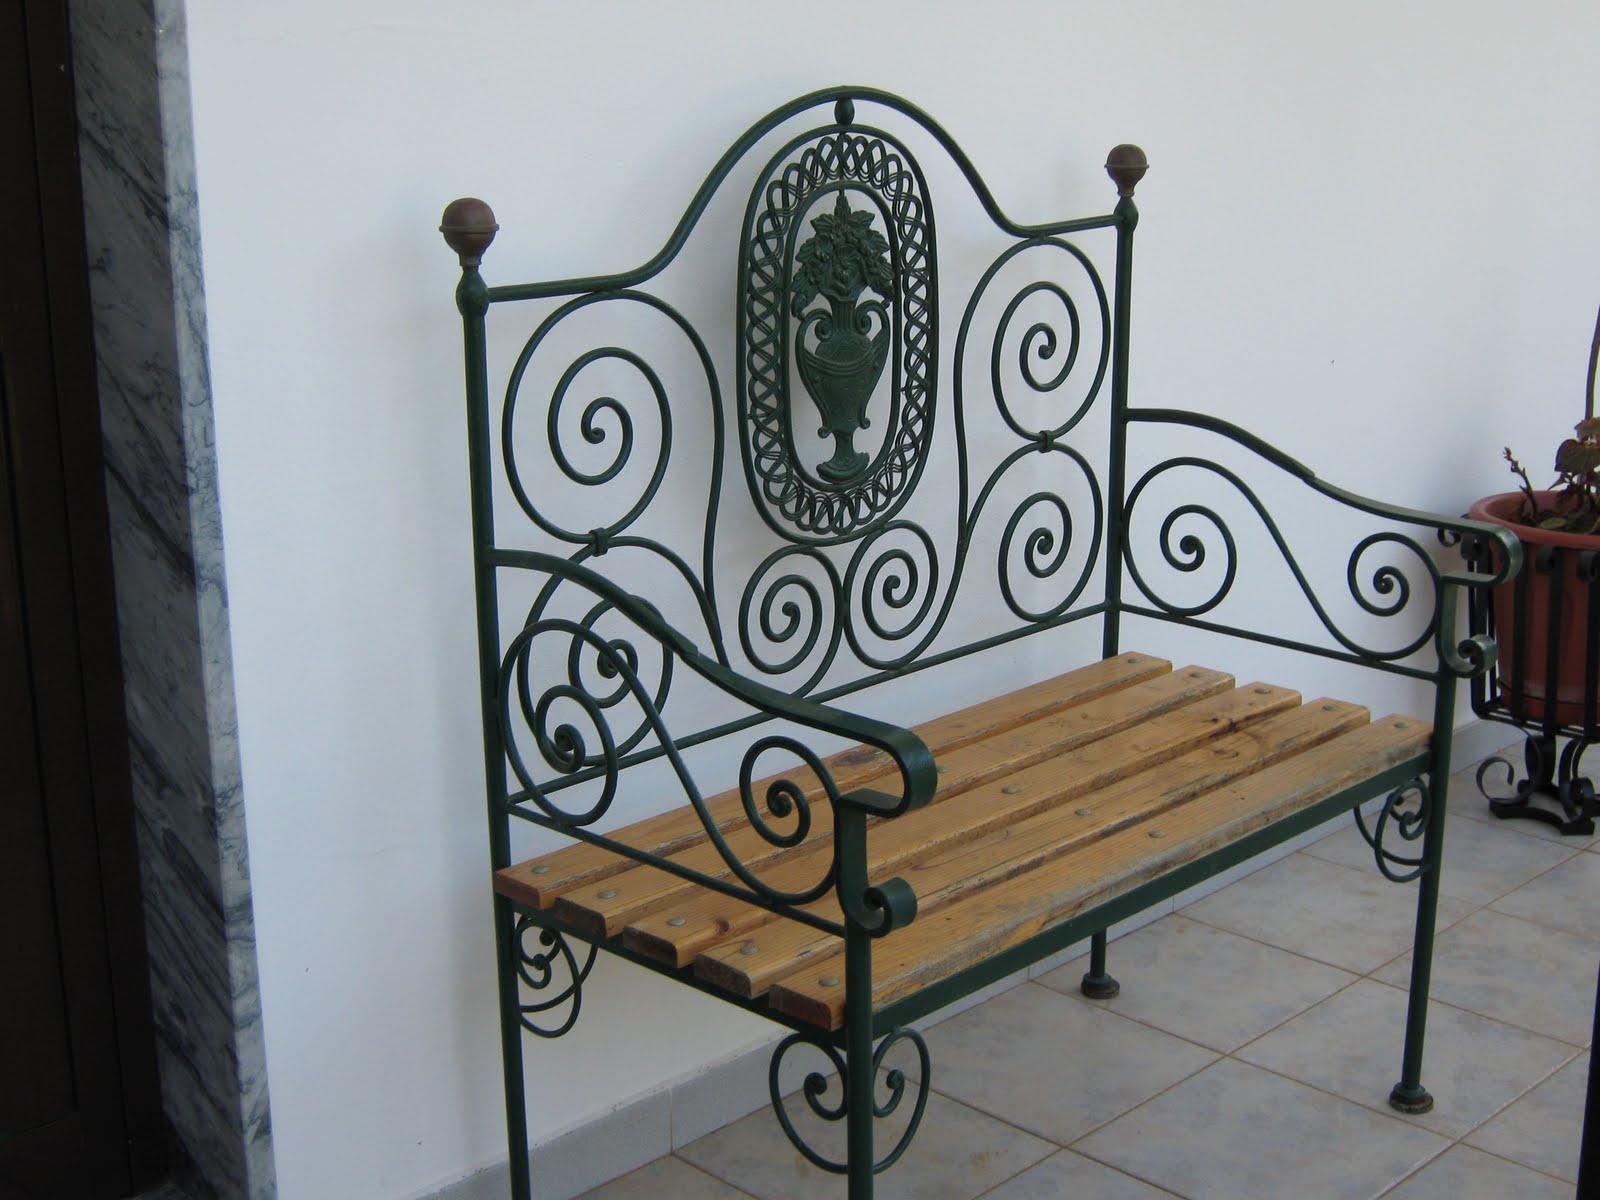 bancos de jardim para venda ? Doitri.com